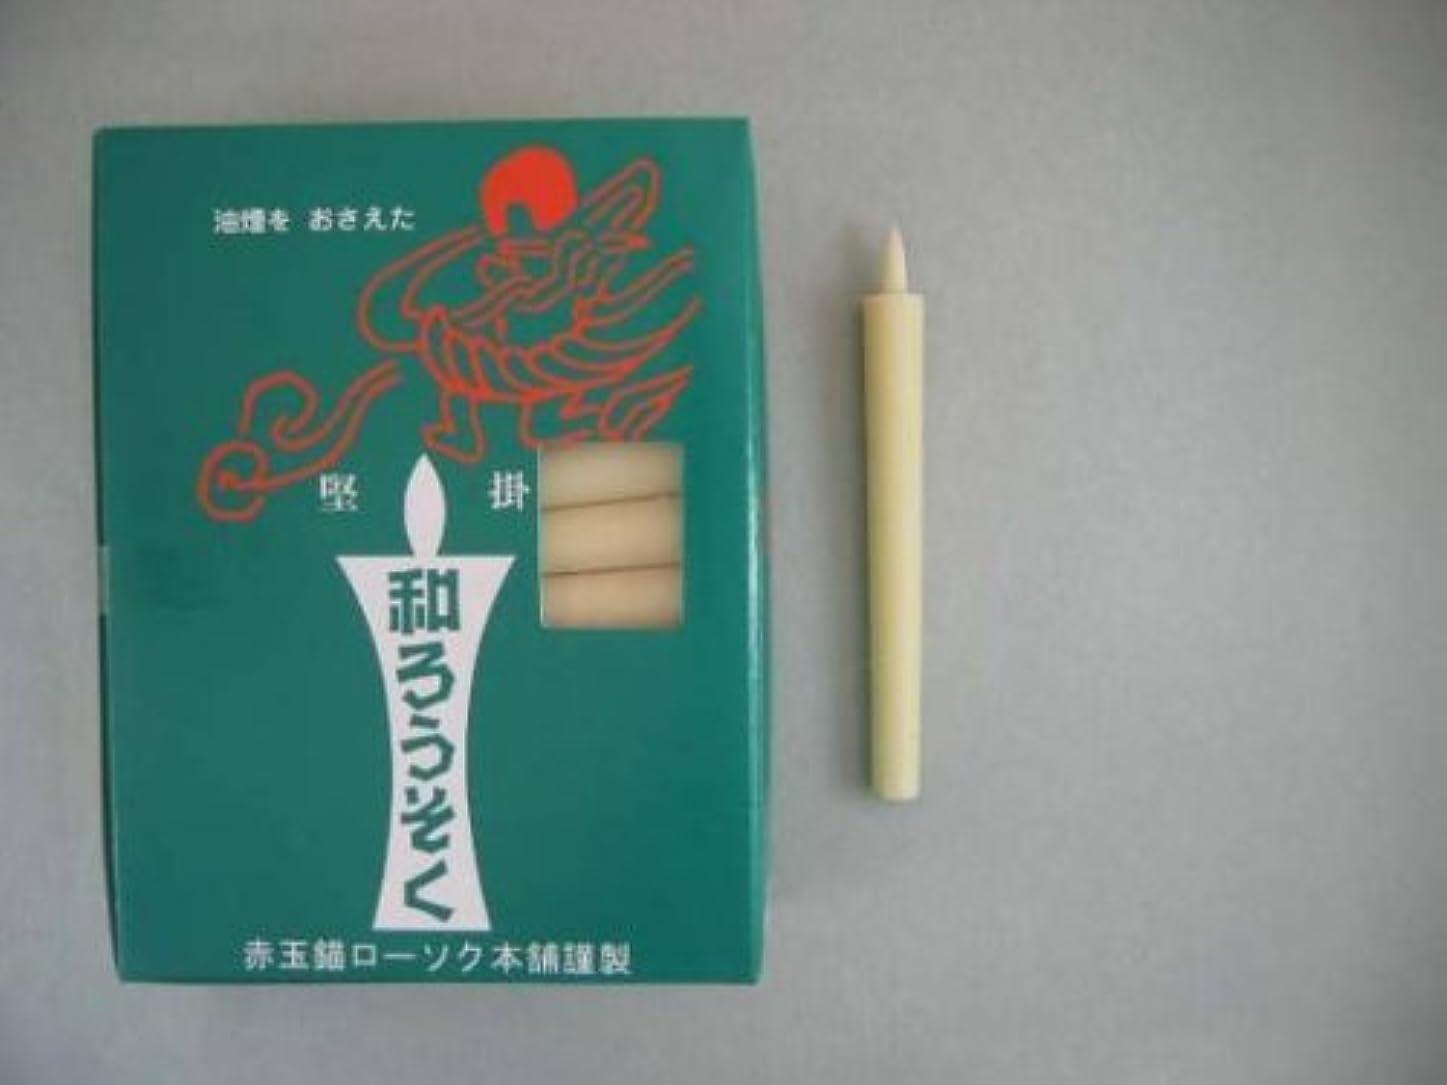 ペン敷居和ろうそく 型和蝋燭 ローソク 棒 2号 白 50本入り 約11センチ